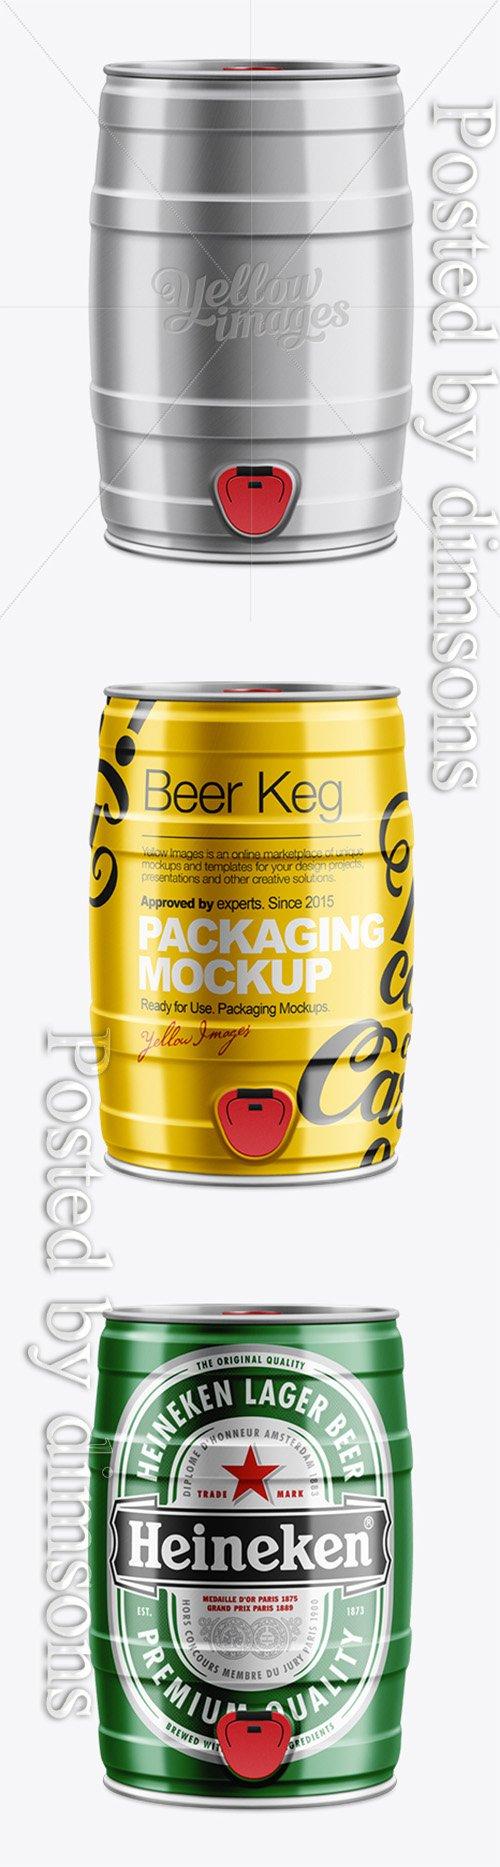 5L Draft Beer Keg Mockup 10711 TIF